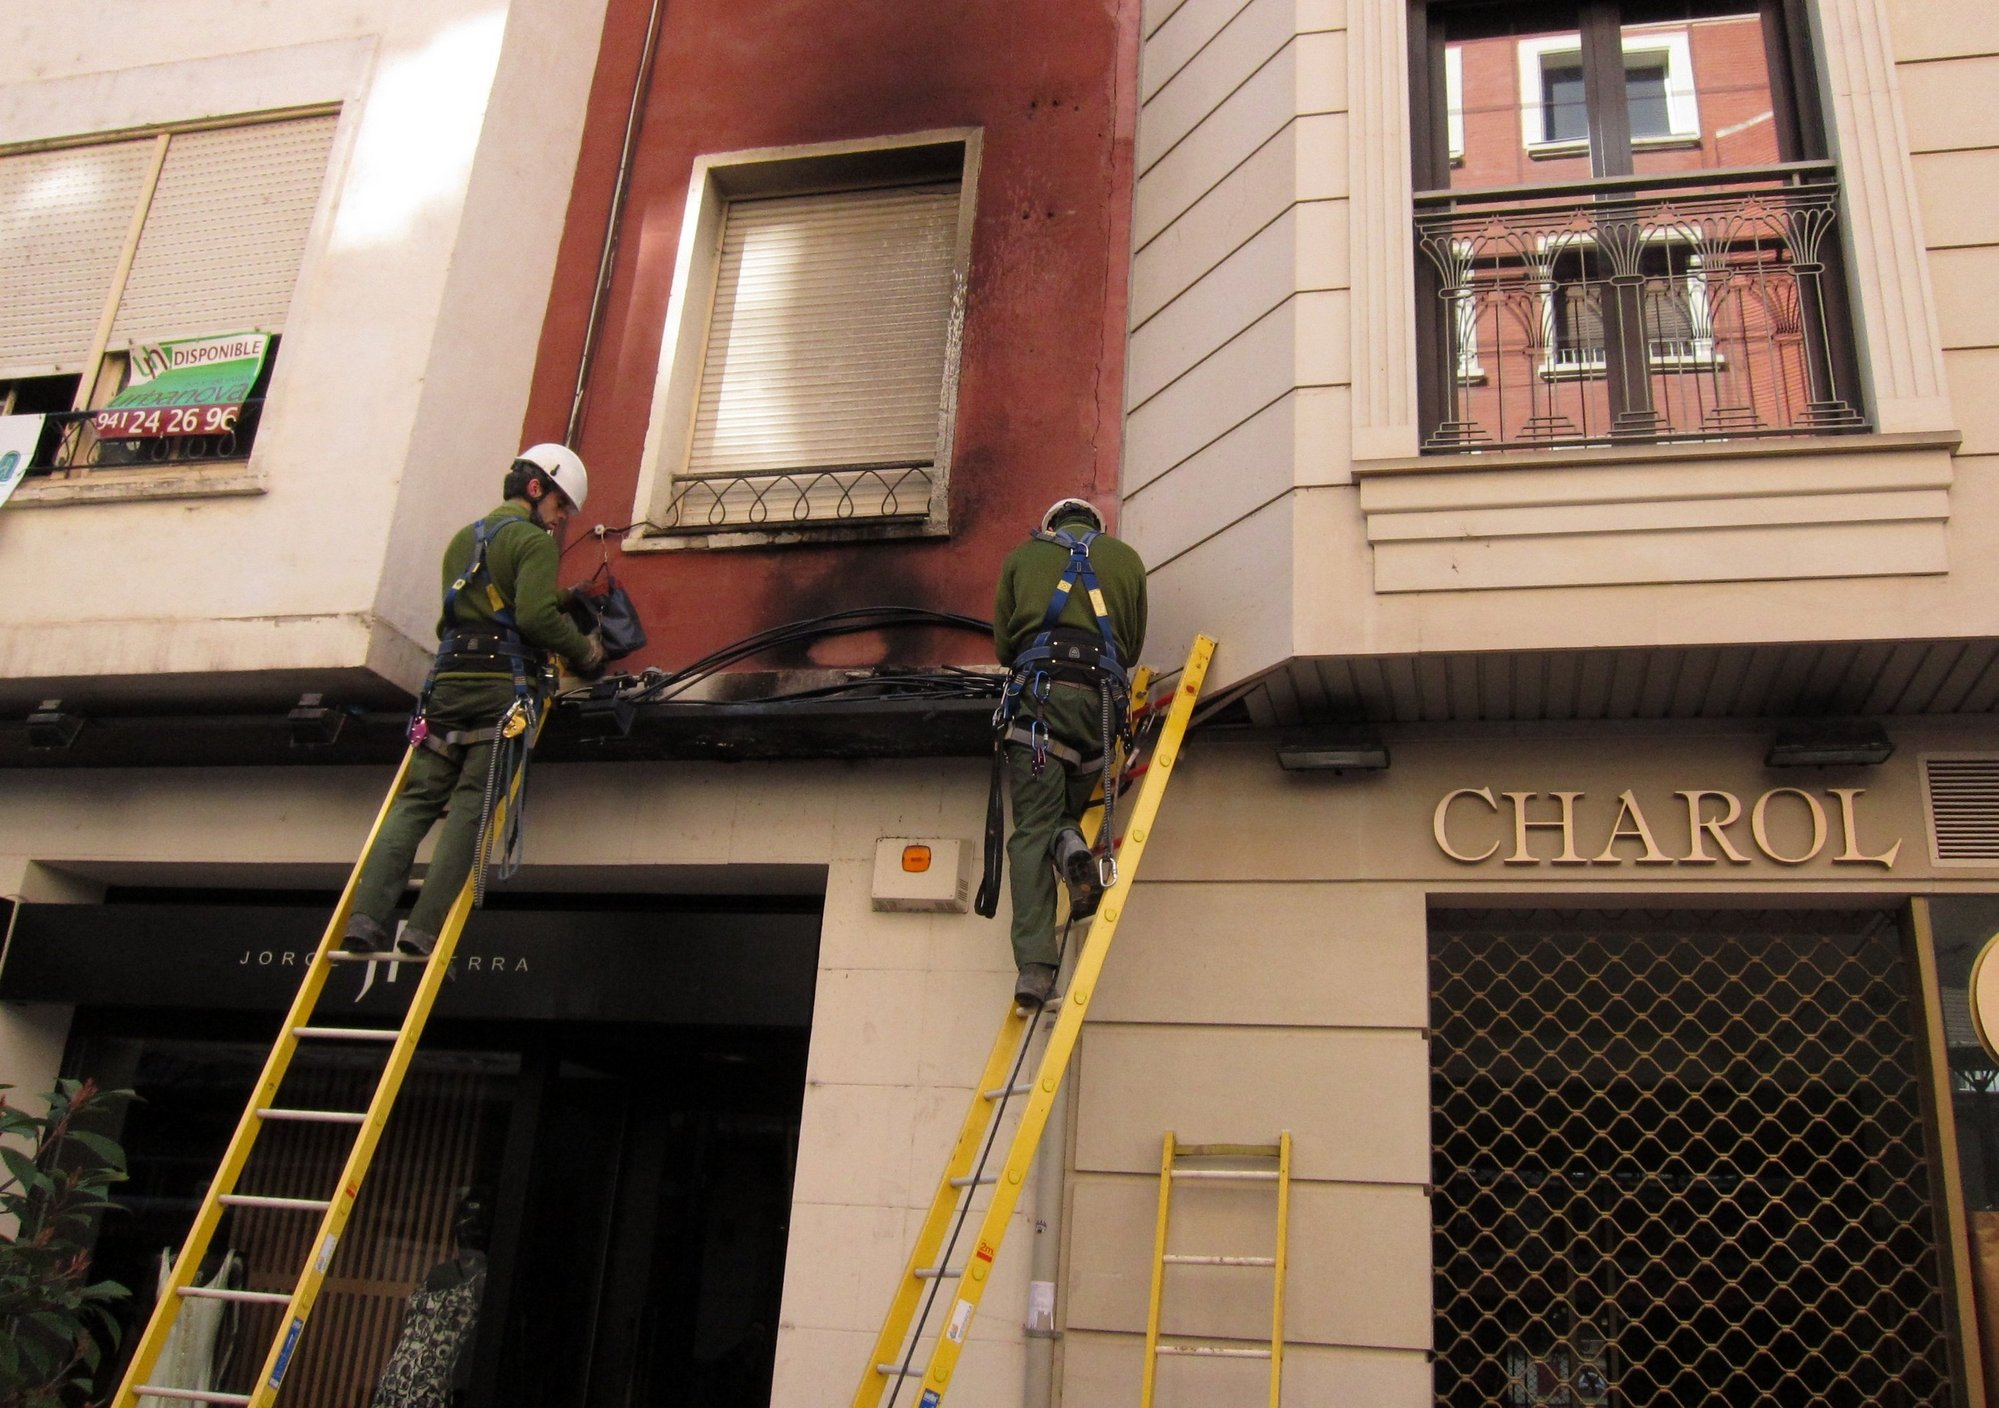 Bomberos del Ayuntamiento de Logroño sofocan un pequeño incendio al arder los focos de un local comercial